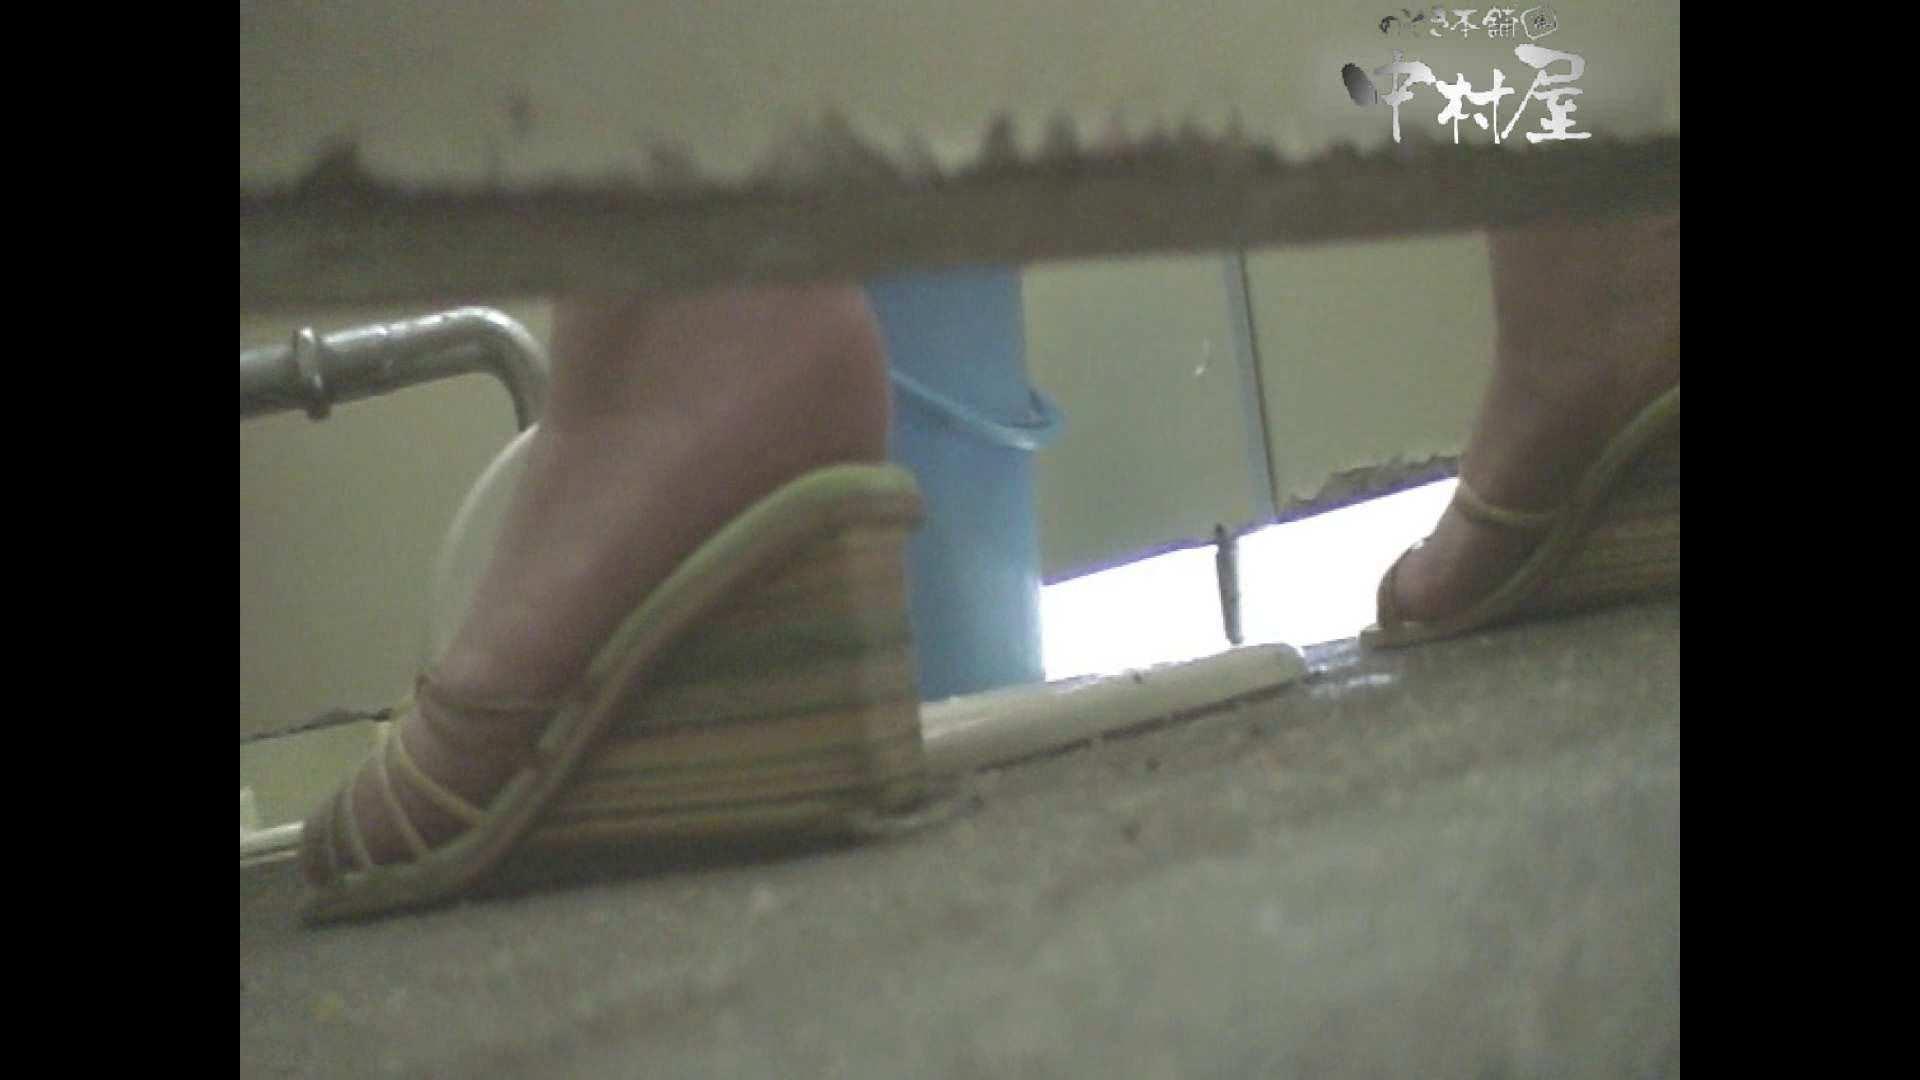 岩手県在住盗撮師盗撮記録vol.15 お姉さんのエロ動画 盗み撮り動画 111PIX 73